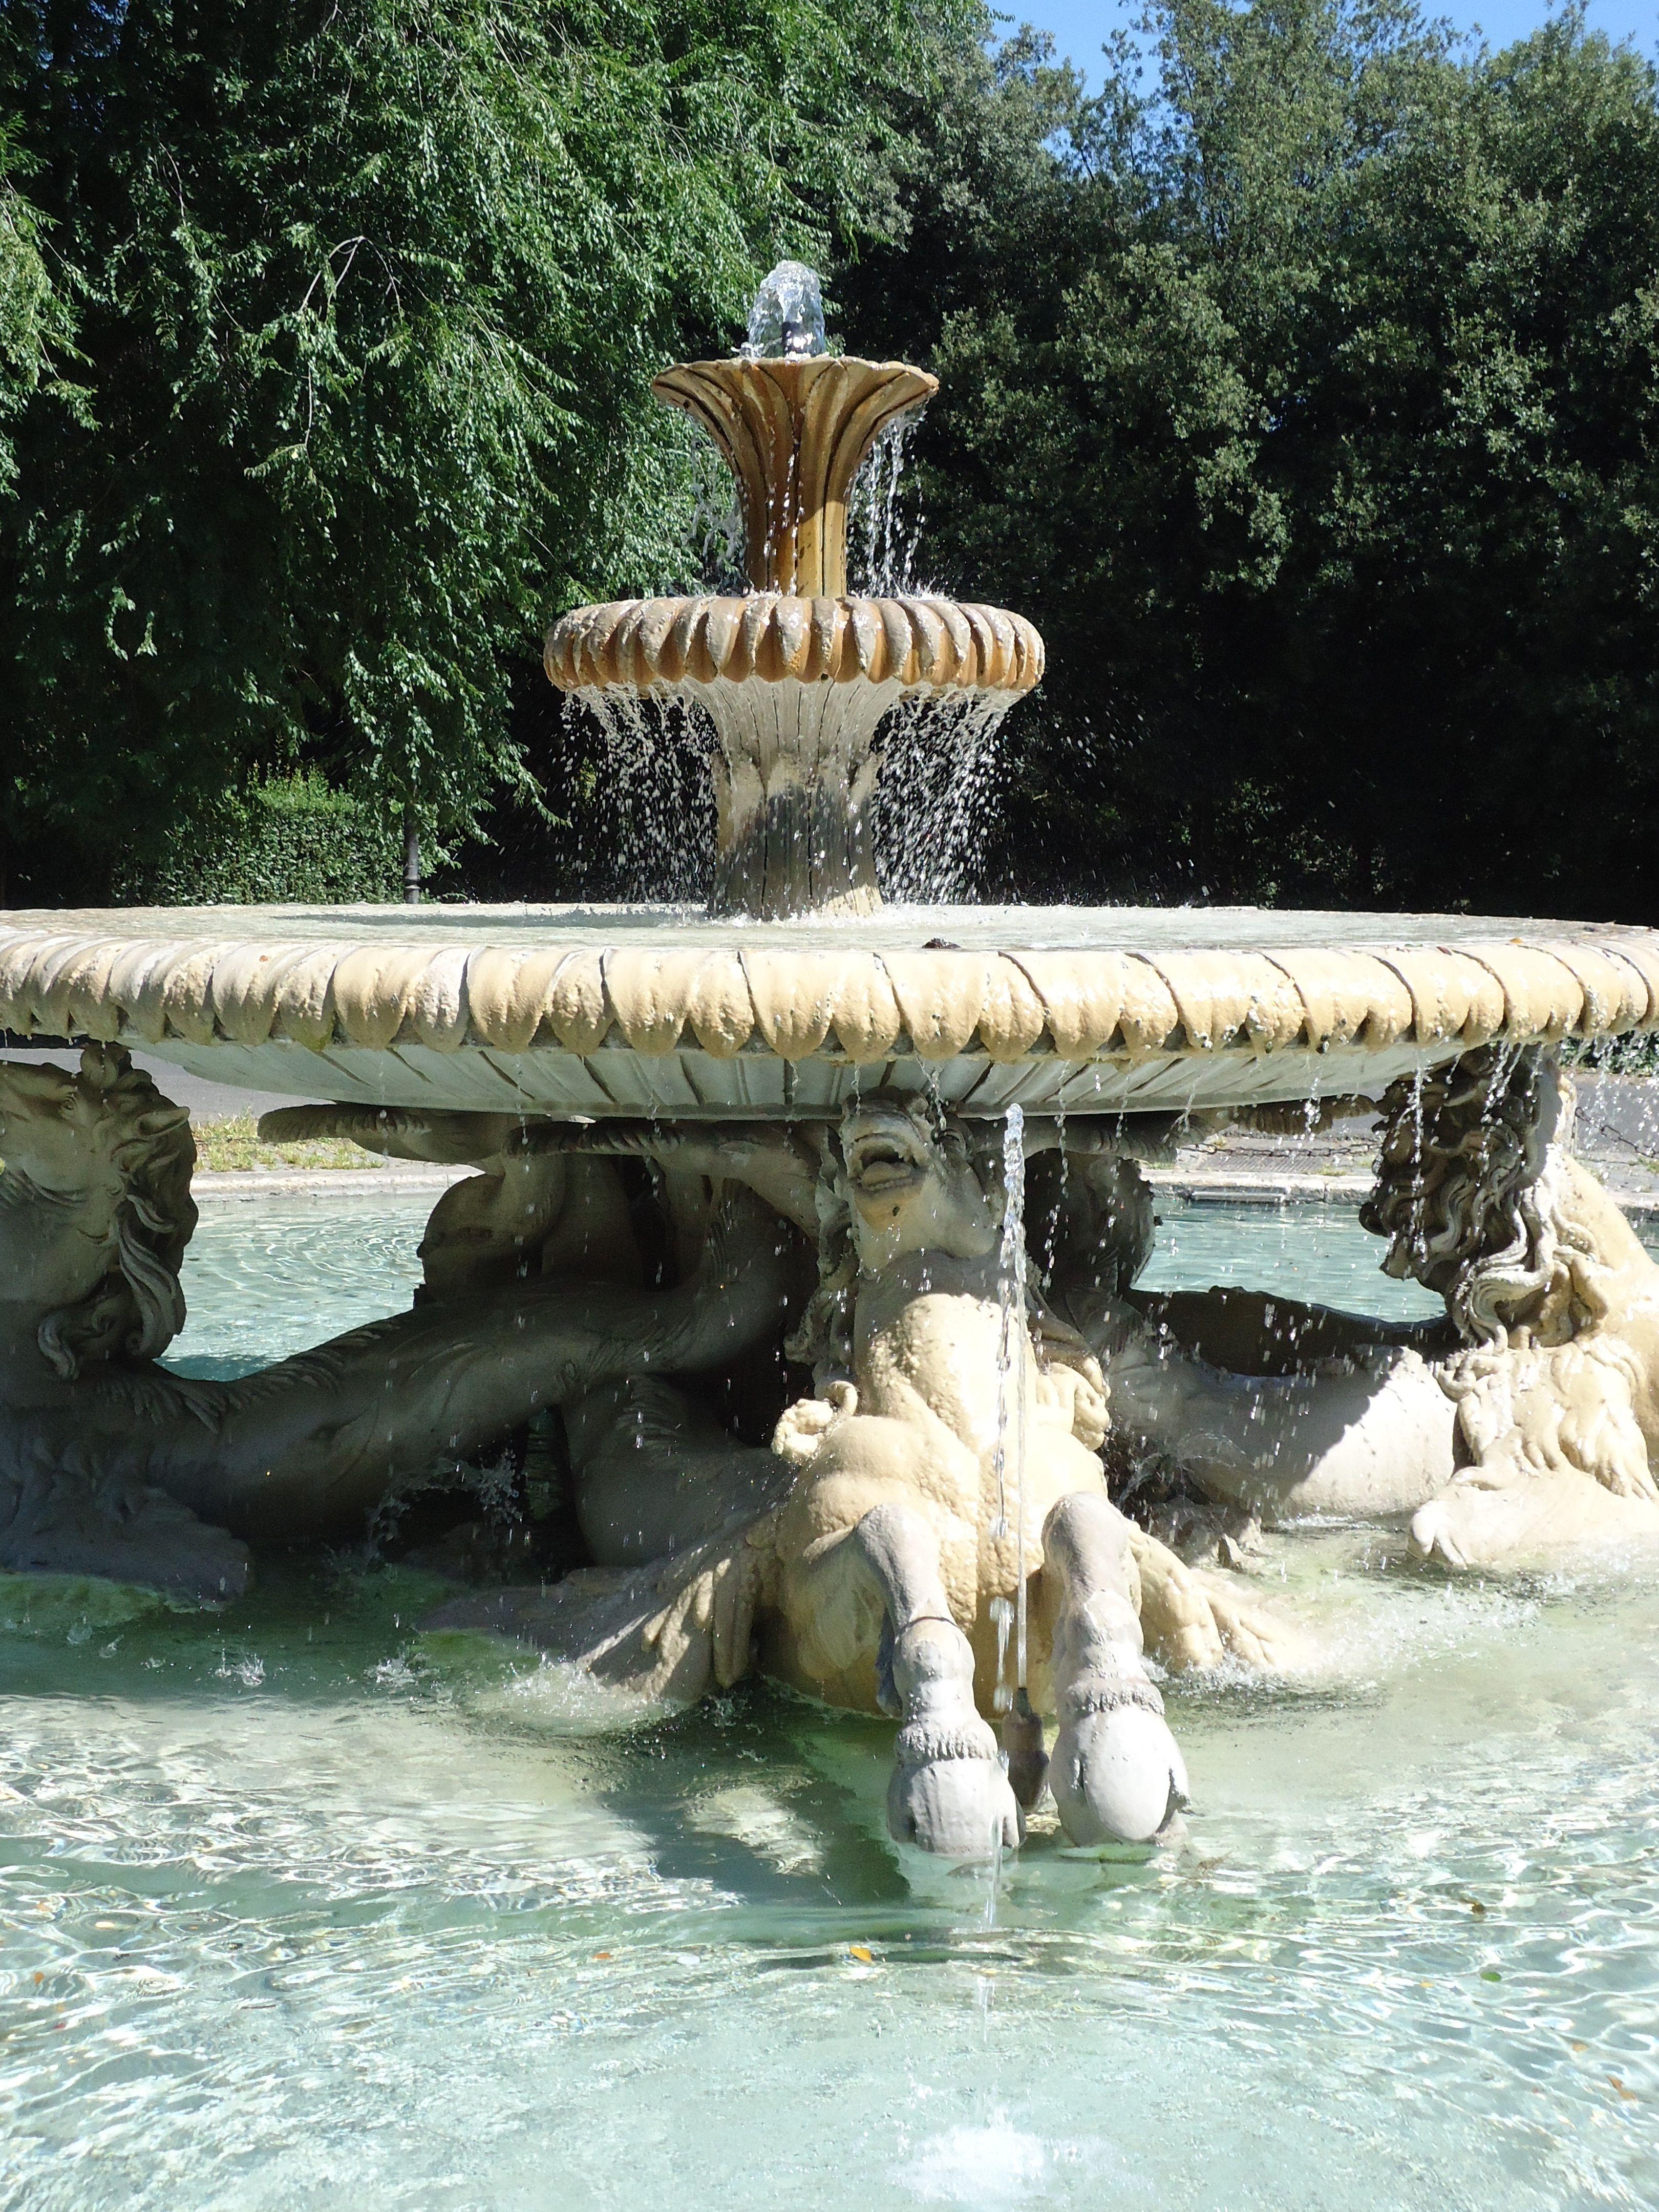 Dag 4 van een vierdaagse reis in Rome: De tuinen van Villa Borghese & de Galleria Nazionale d'Arte Moderna e contemporanea. Laatste keer Tiber & Trastevere.